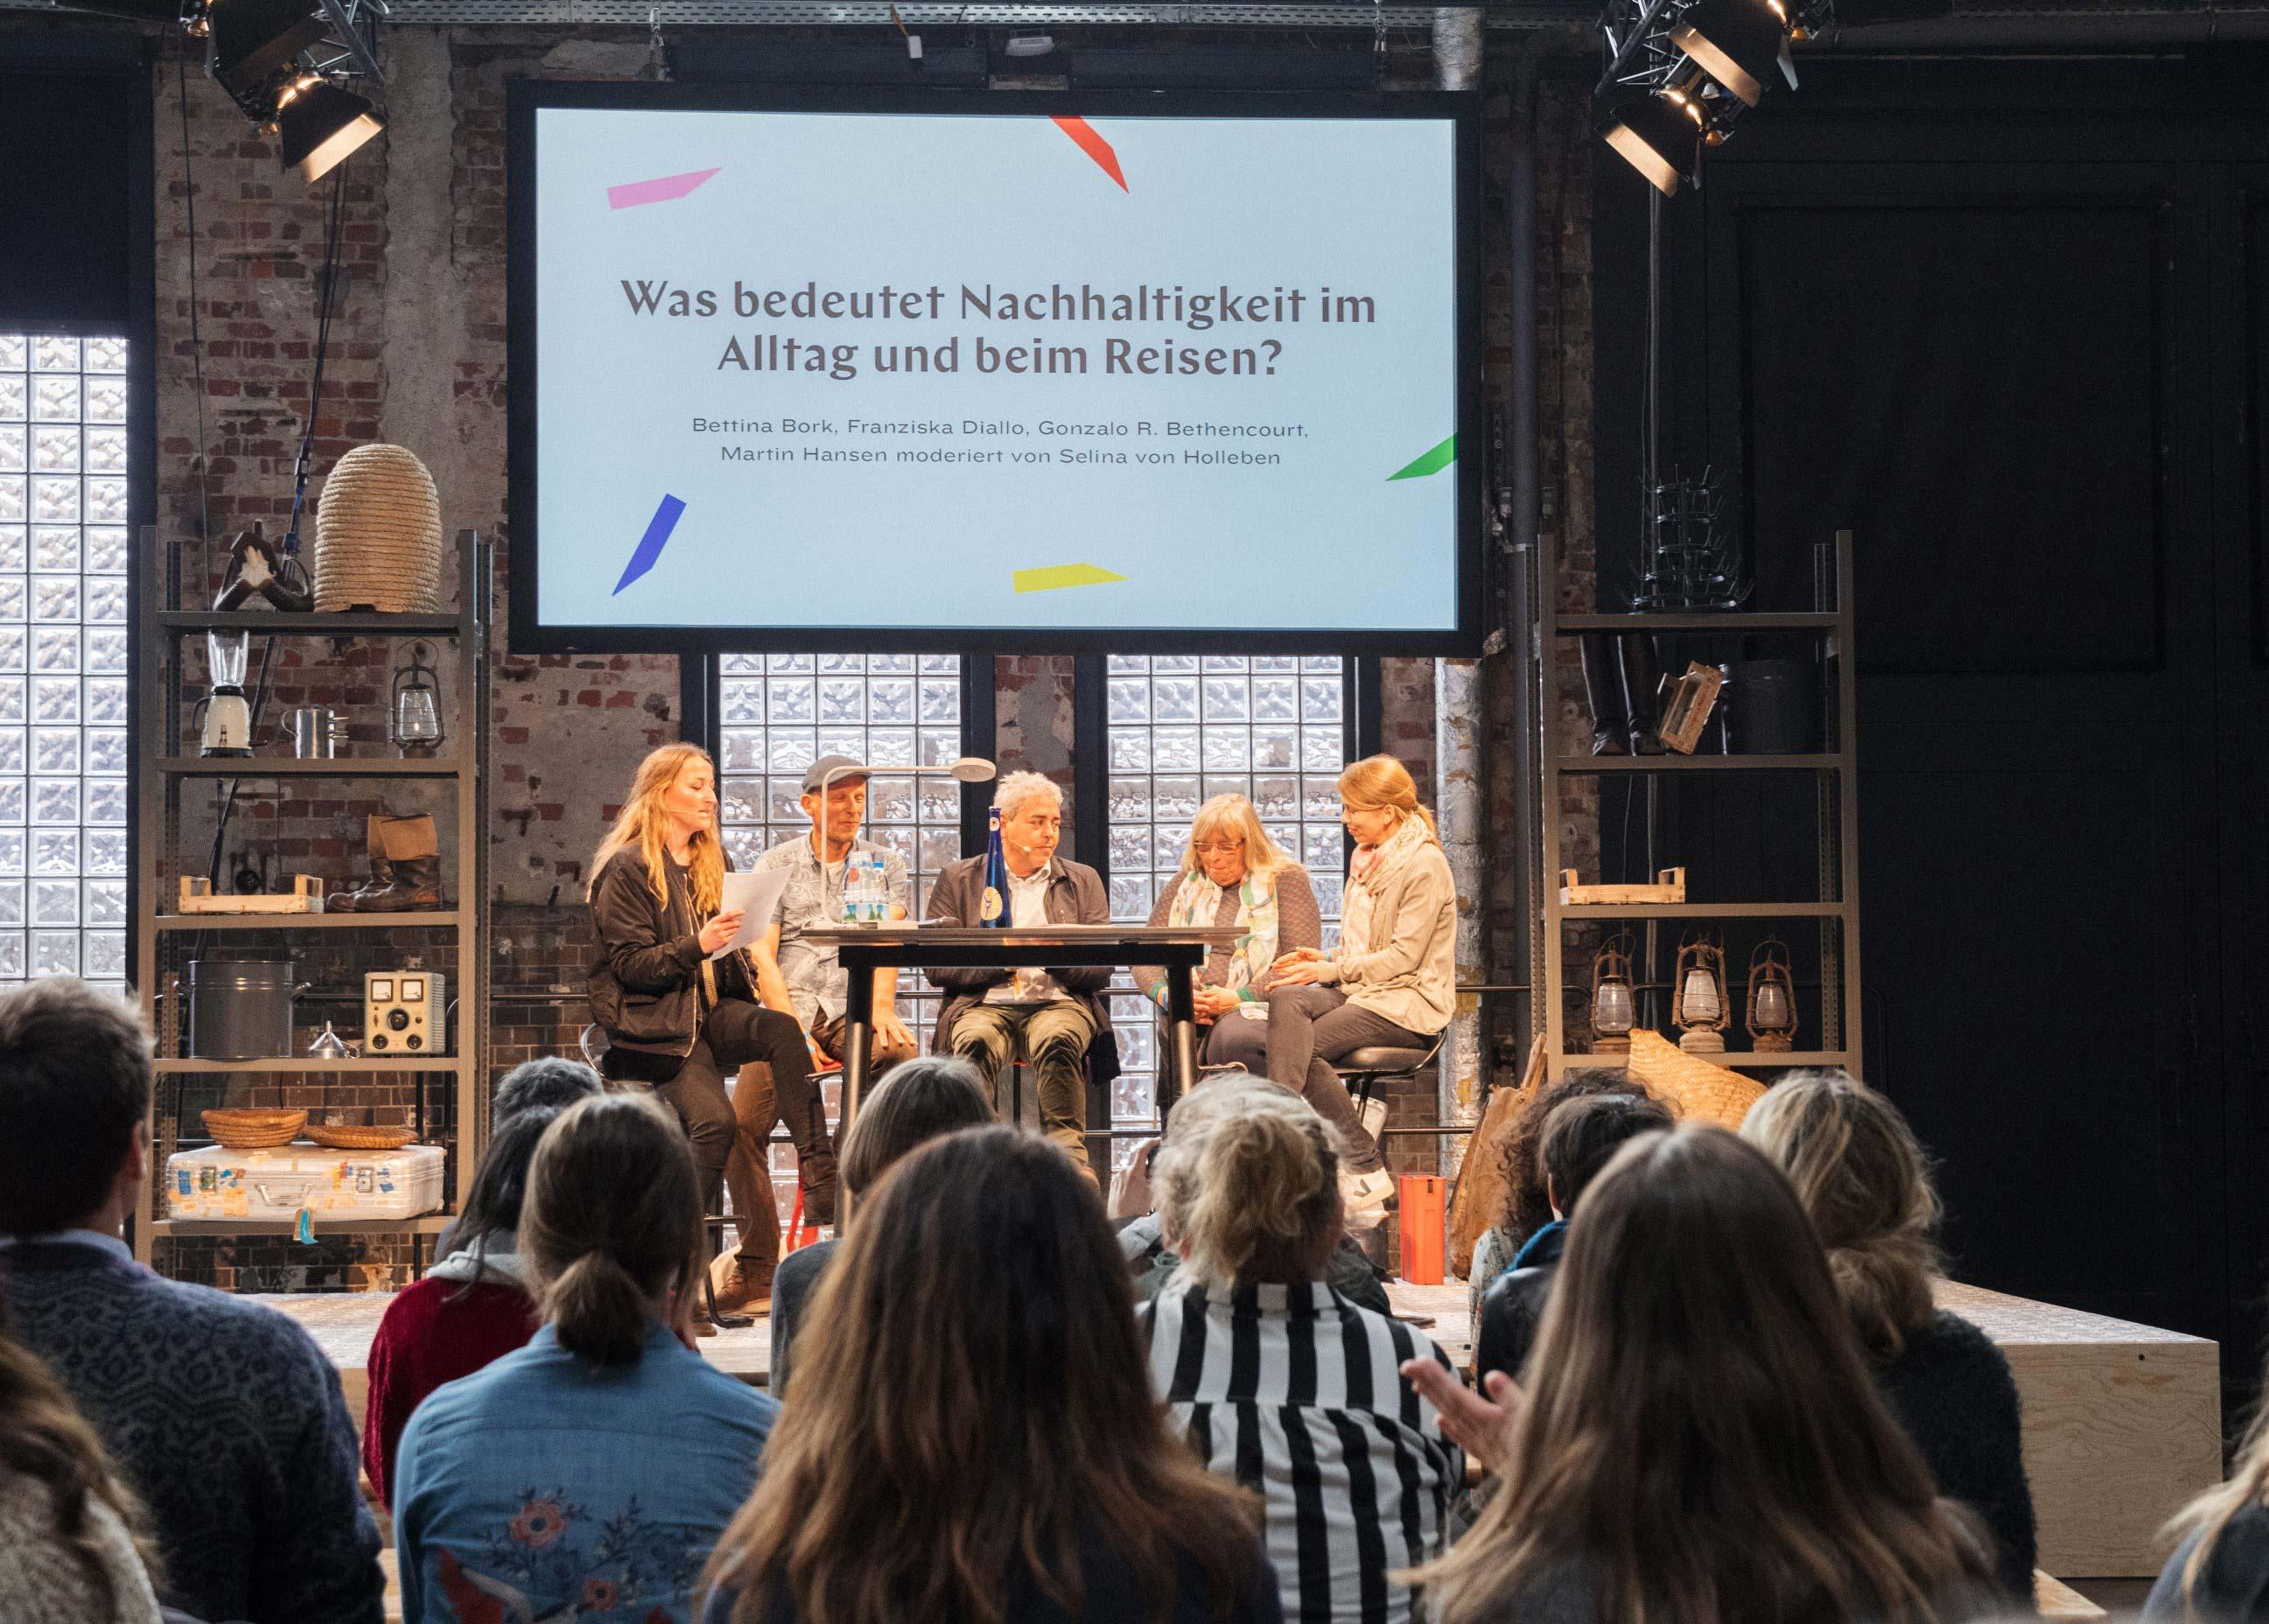 Vortrag Berlin Travel Festival 2018